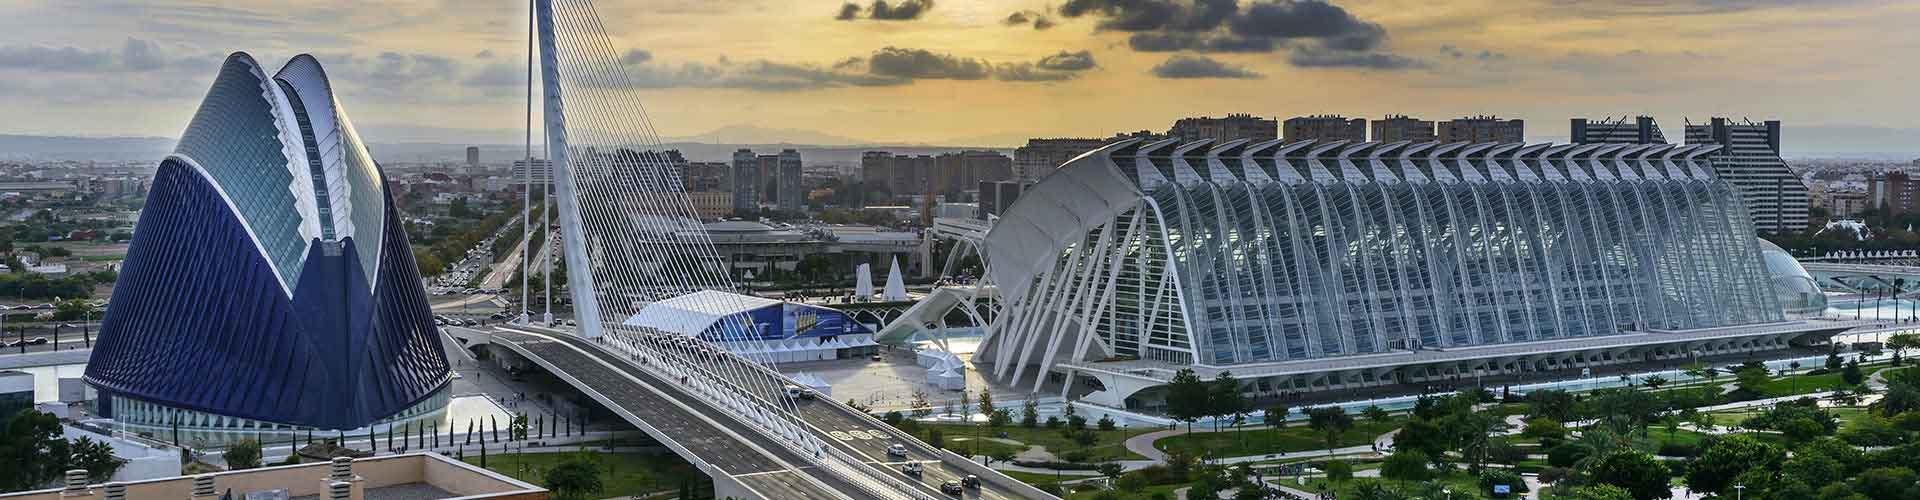 Valencia – Retkeily lähellä maamerkkiä Valencia lentokenttä. Valencia -karttoja, valokuvia ja arvosteluja kaikista Valencia -retkeilyalueista.